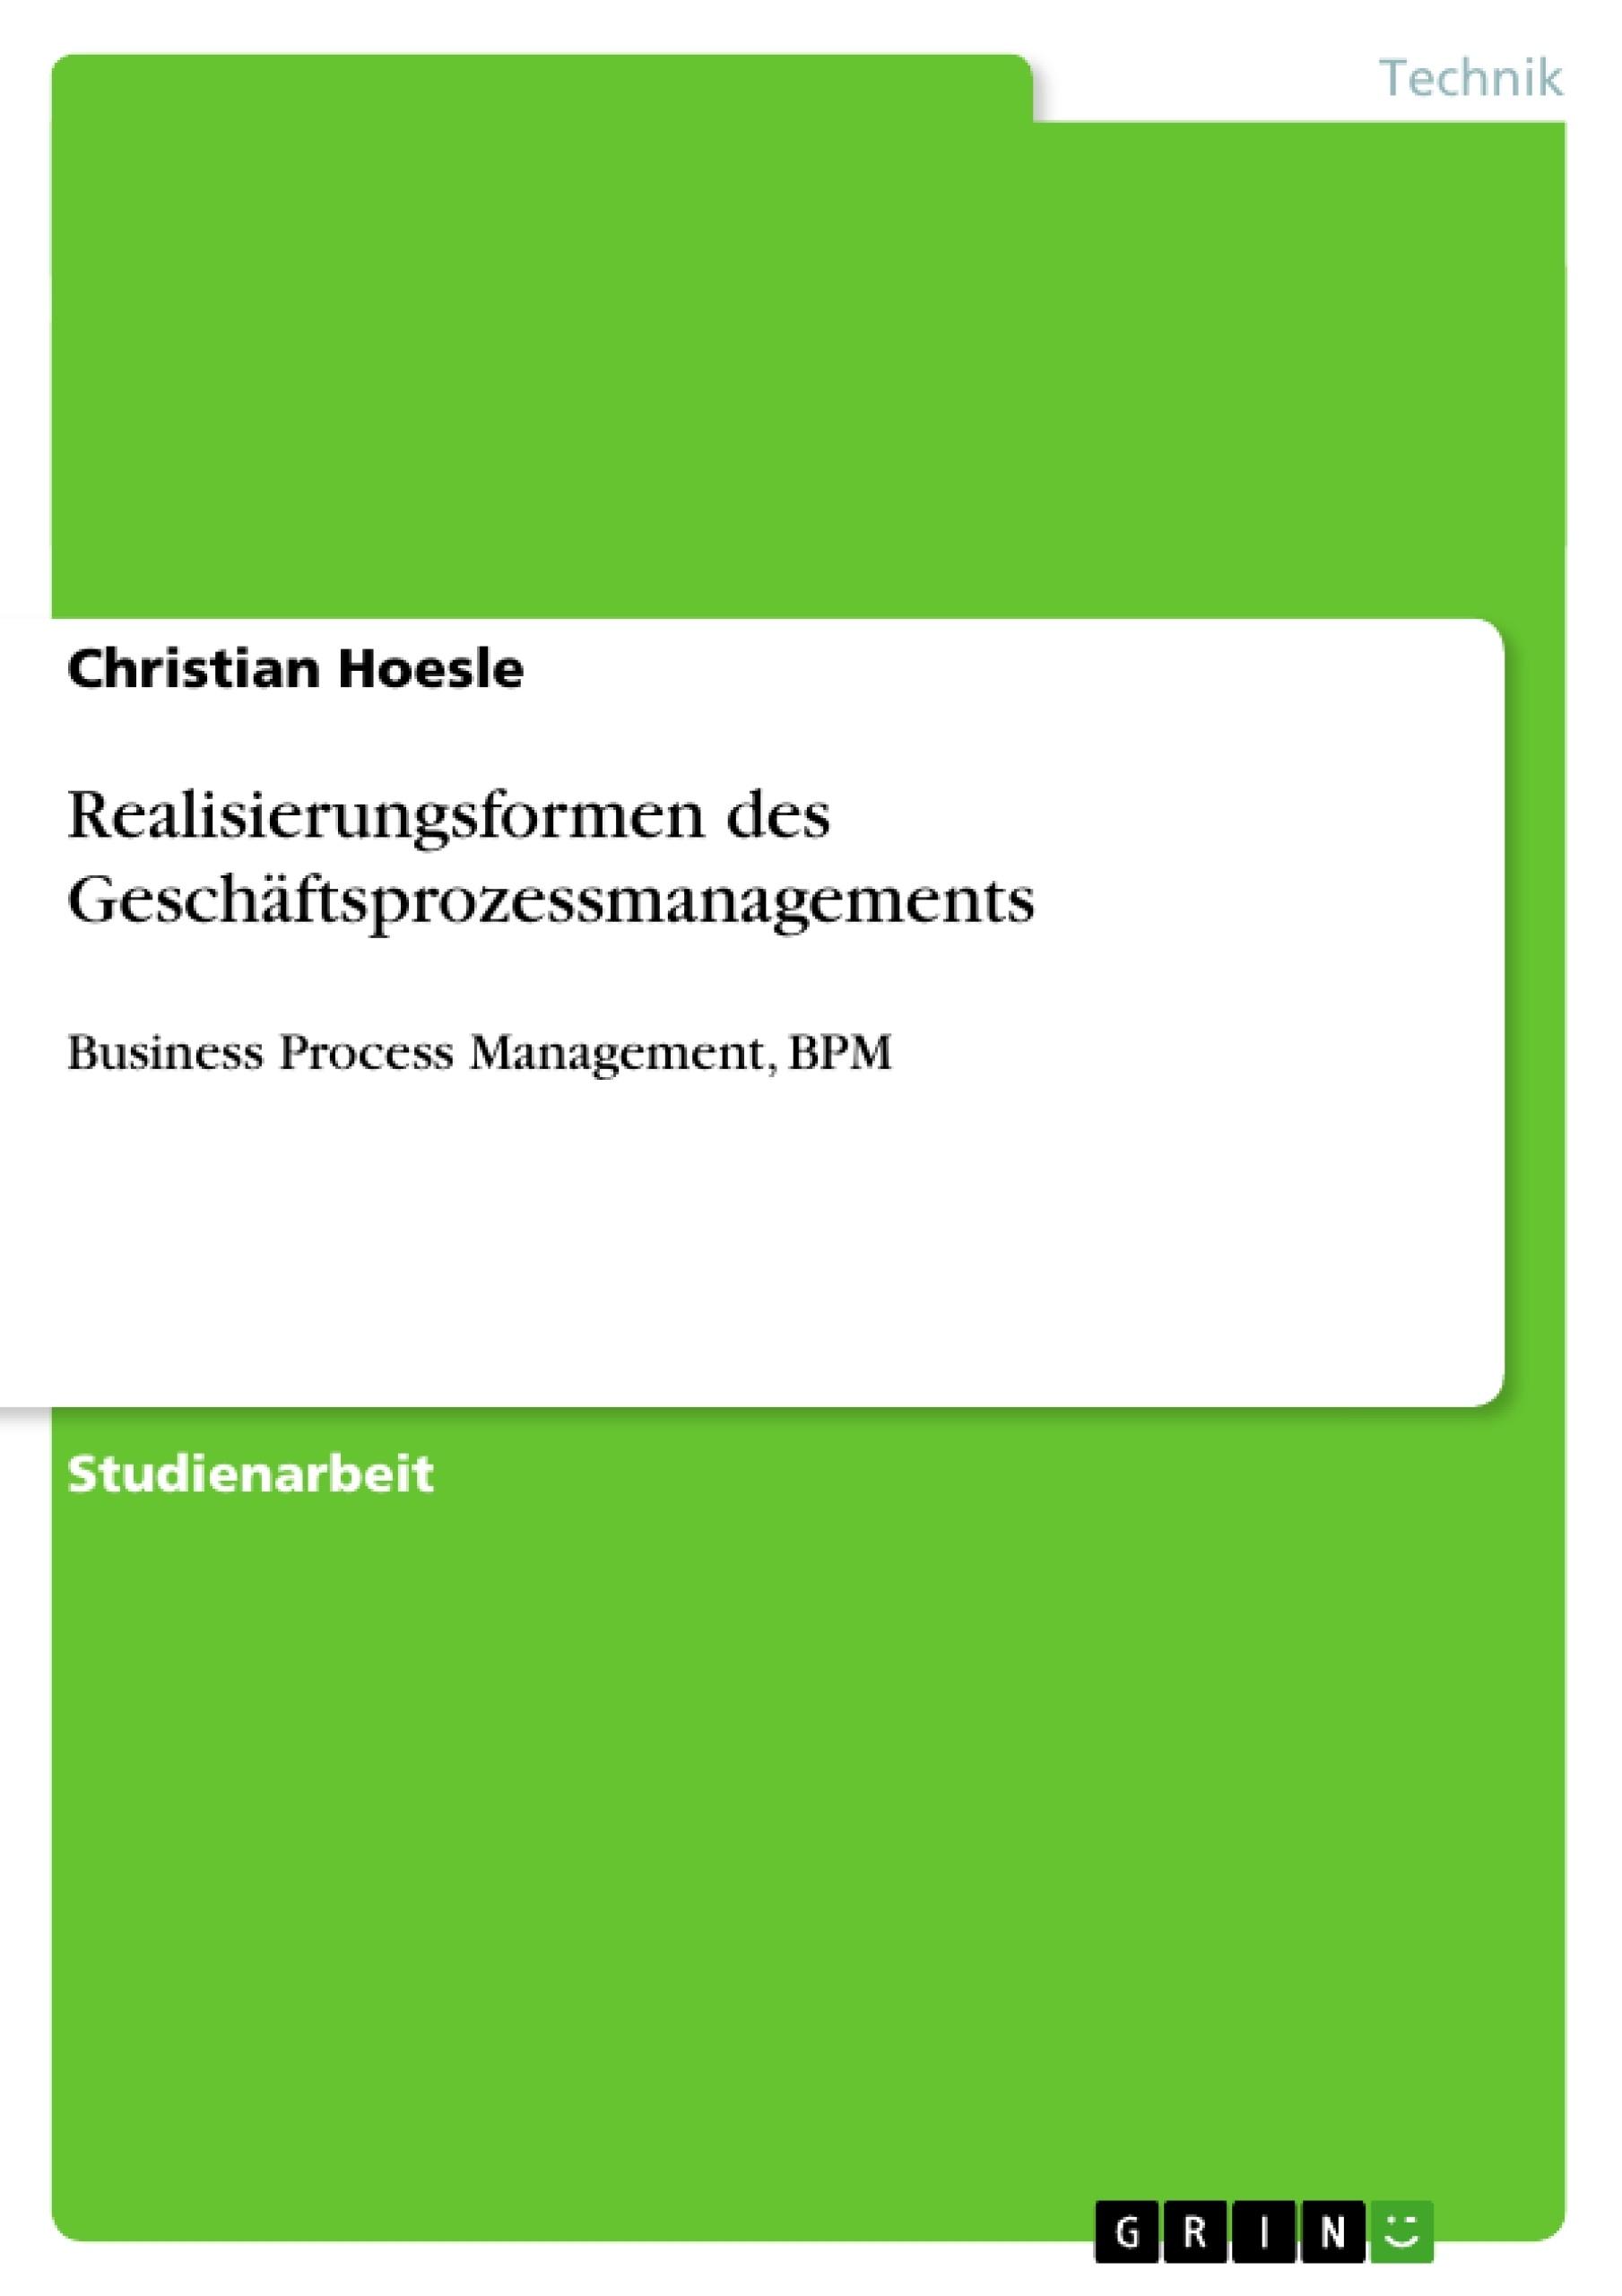 Titel: Realisierungsformen des Geschäftsprozessmanagements